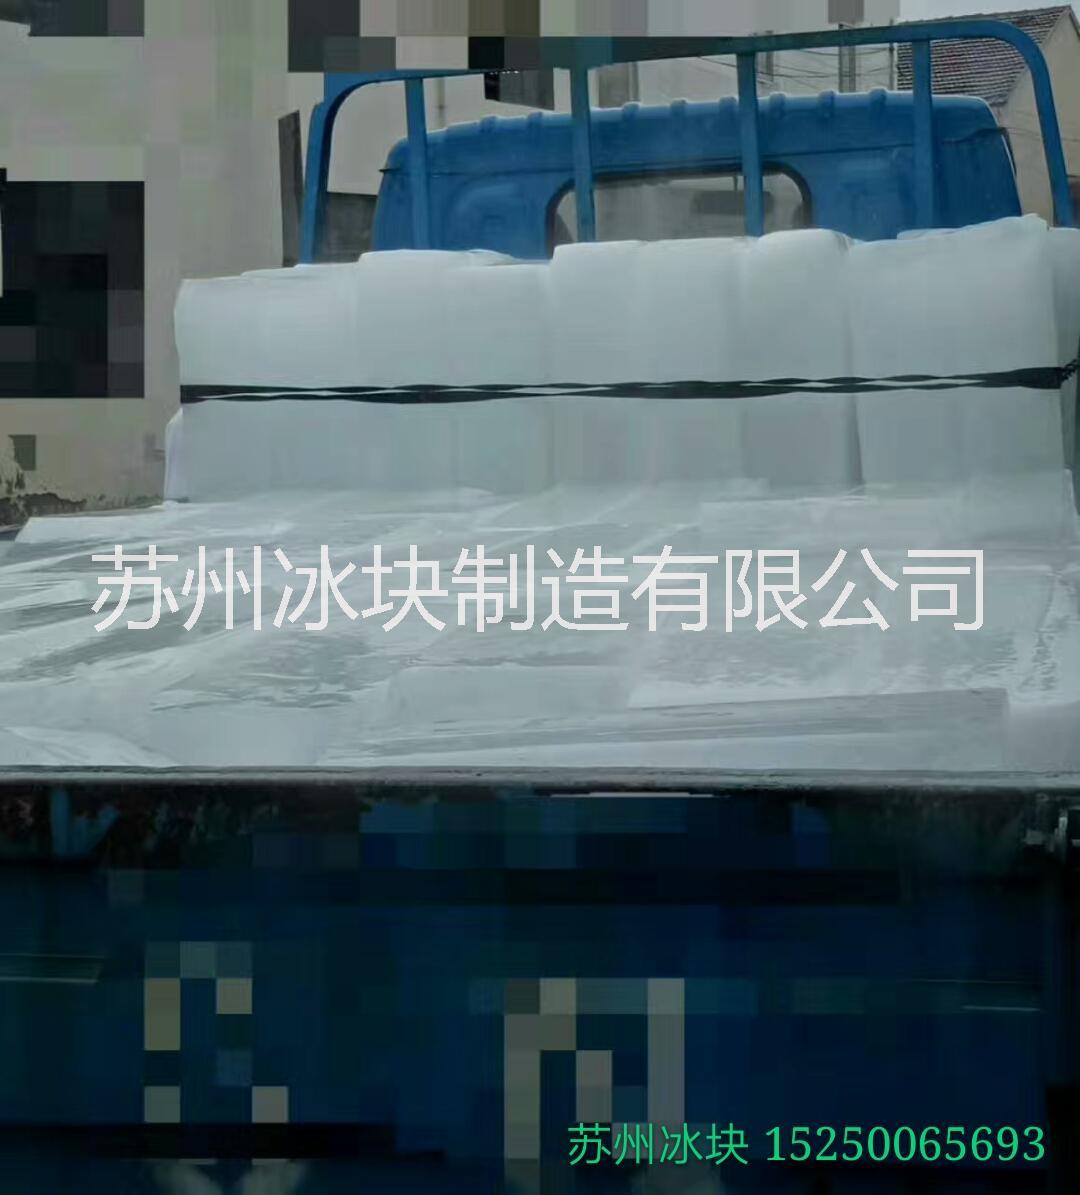 苏州夏季工厂降温冰块